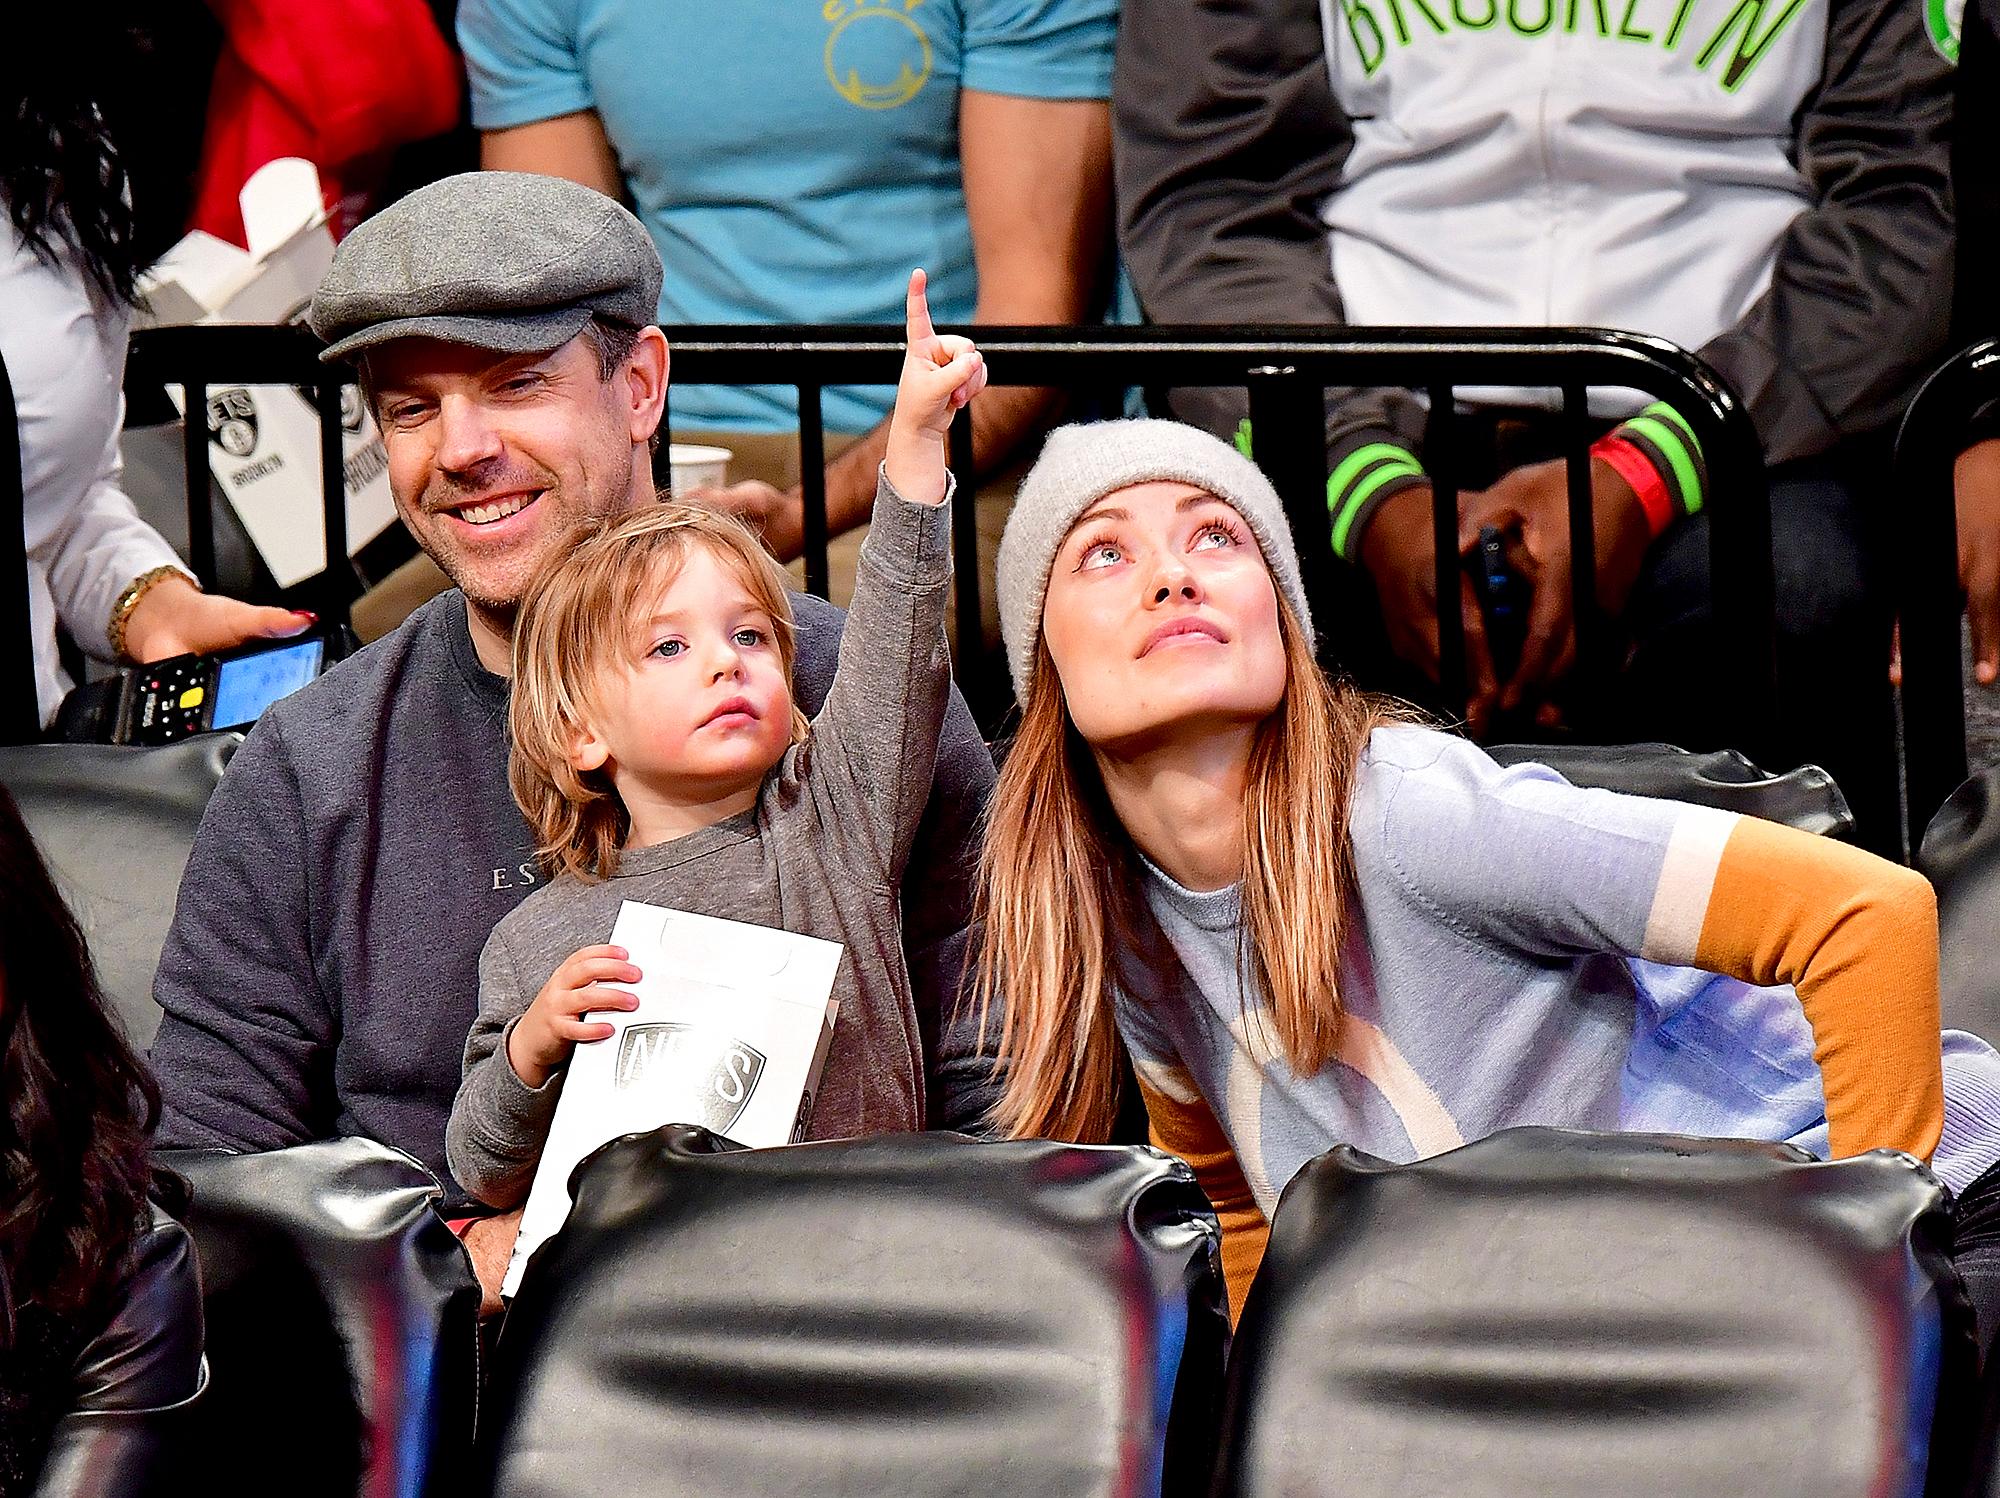 Jason Sudeikis, Olivia Wilde and Otis